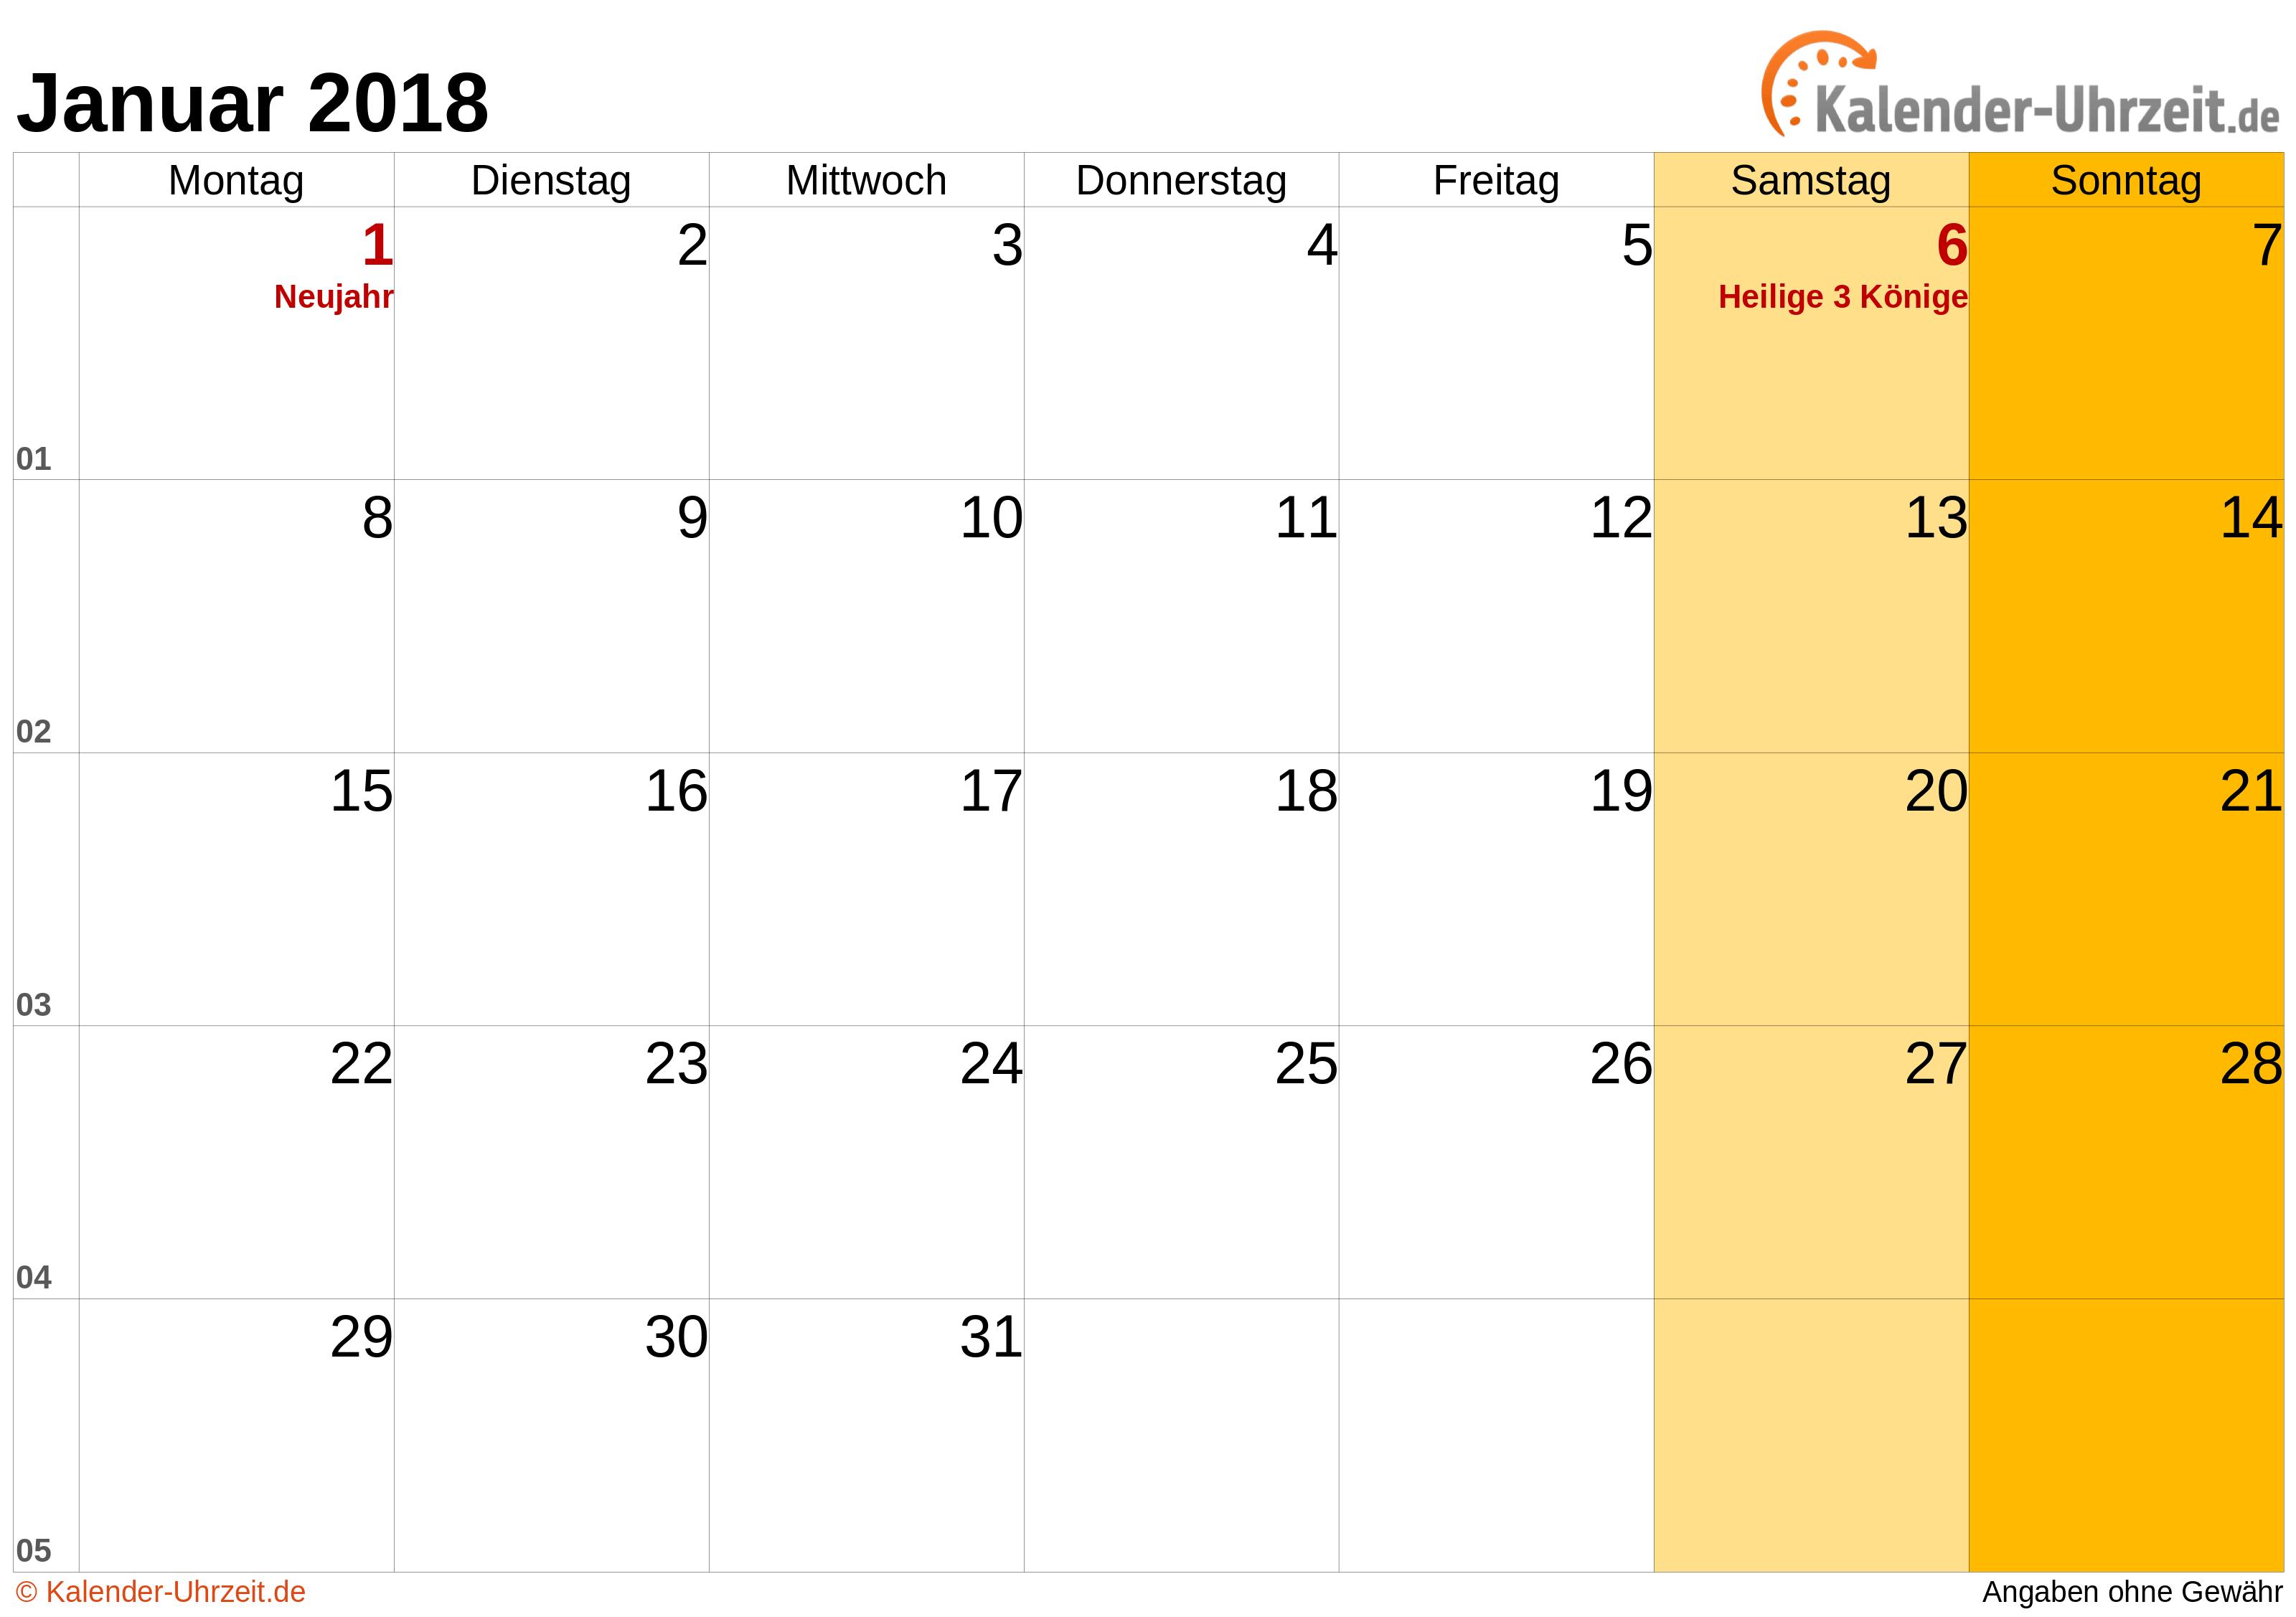 Kalender Januar 2018 mit Feiertagen